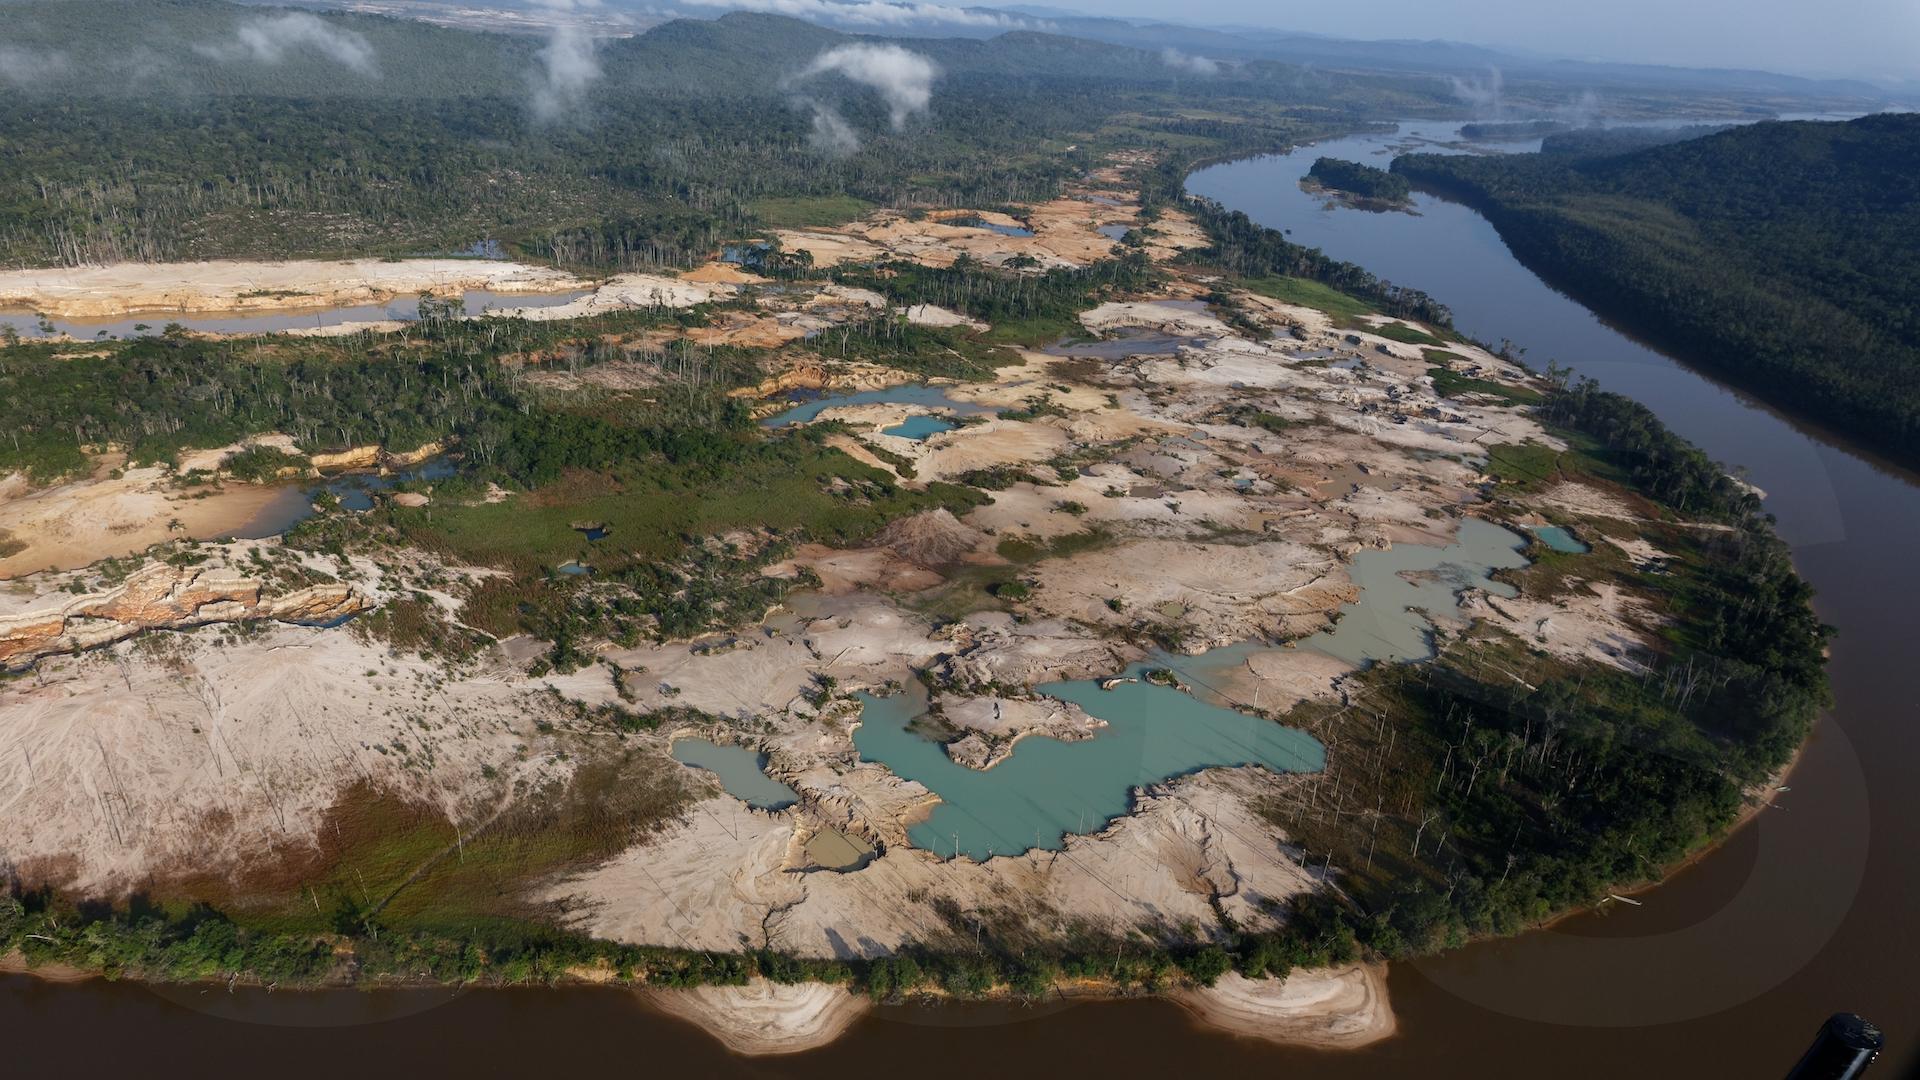 Brasil: Devastación por la minería en territorios yanomamis